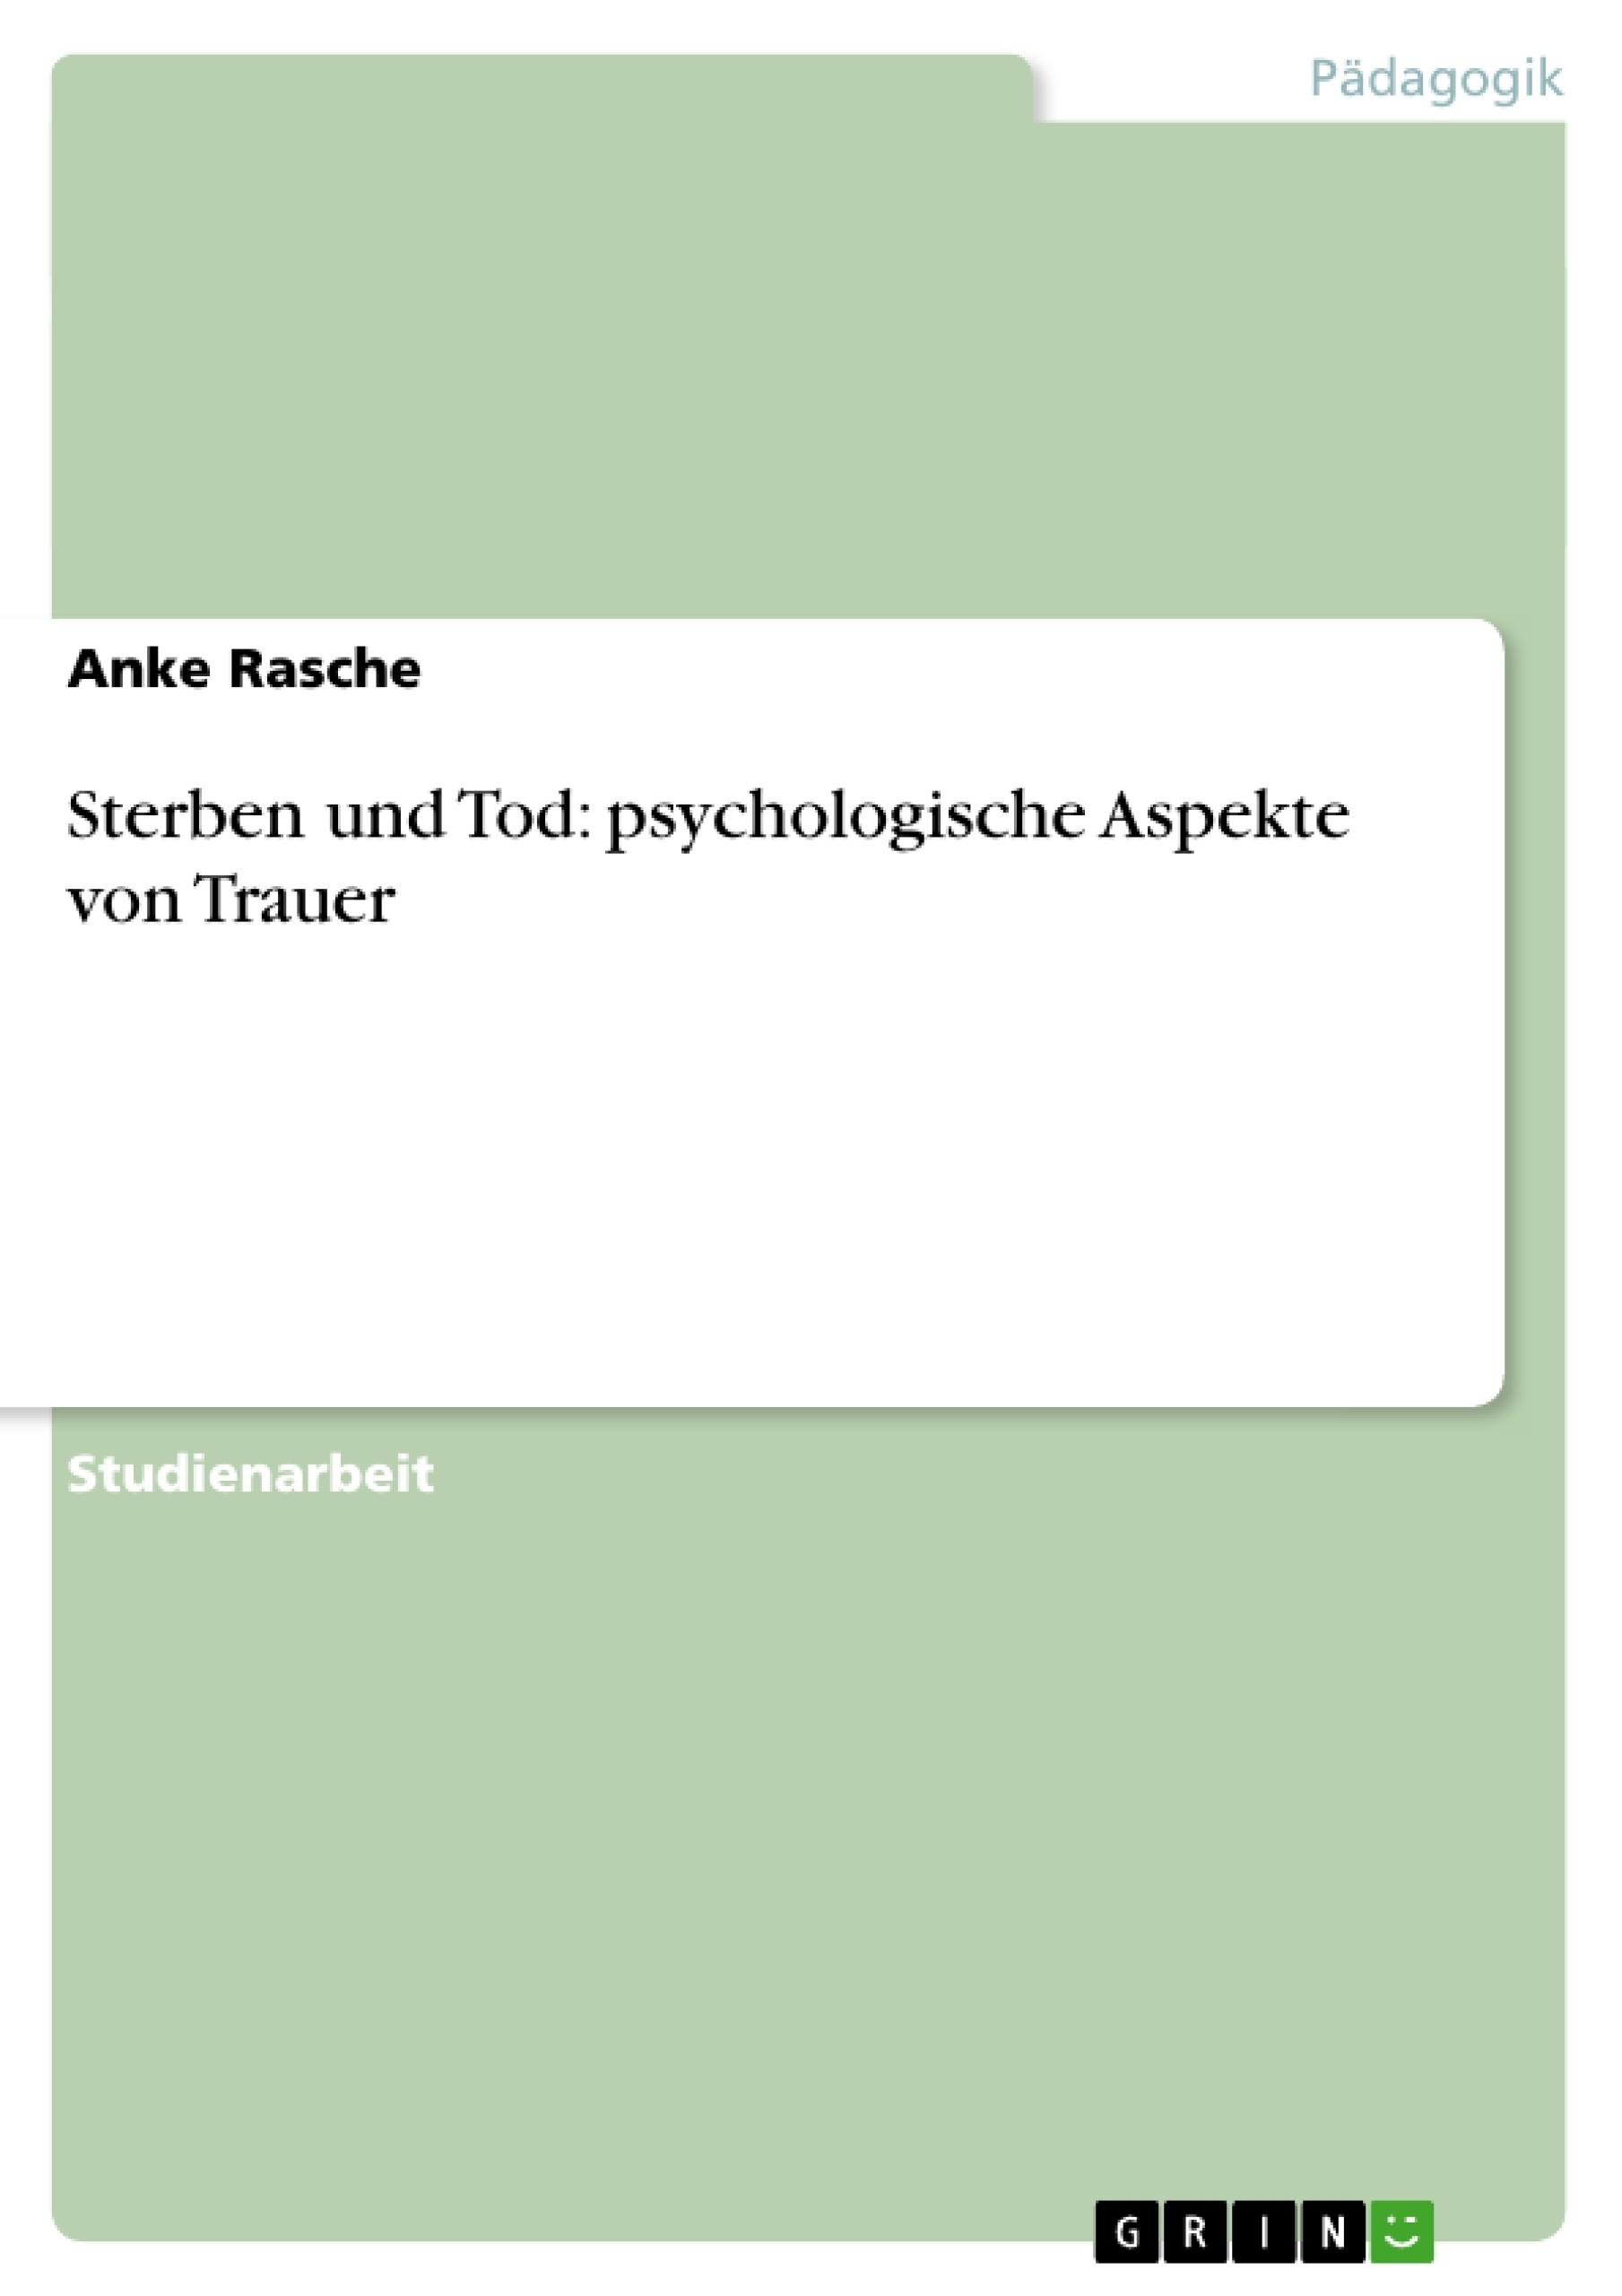 Titel: Sterben und Tod: psychologische Aspekte von Trauer